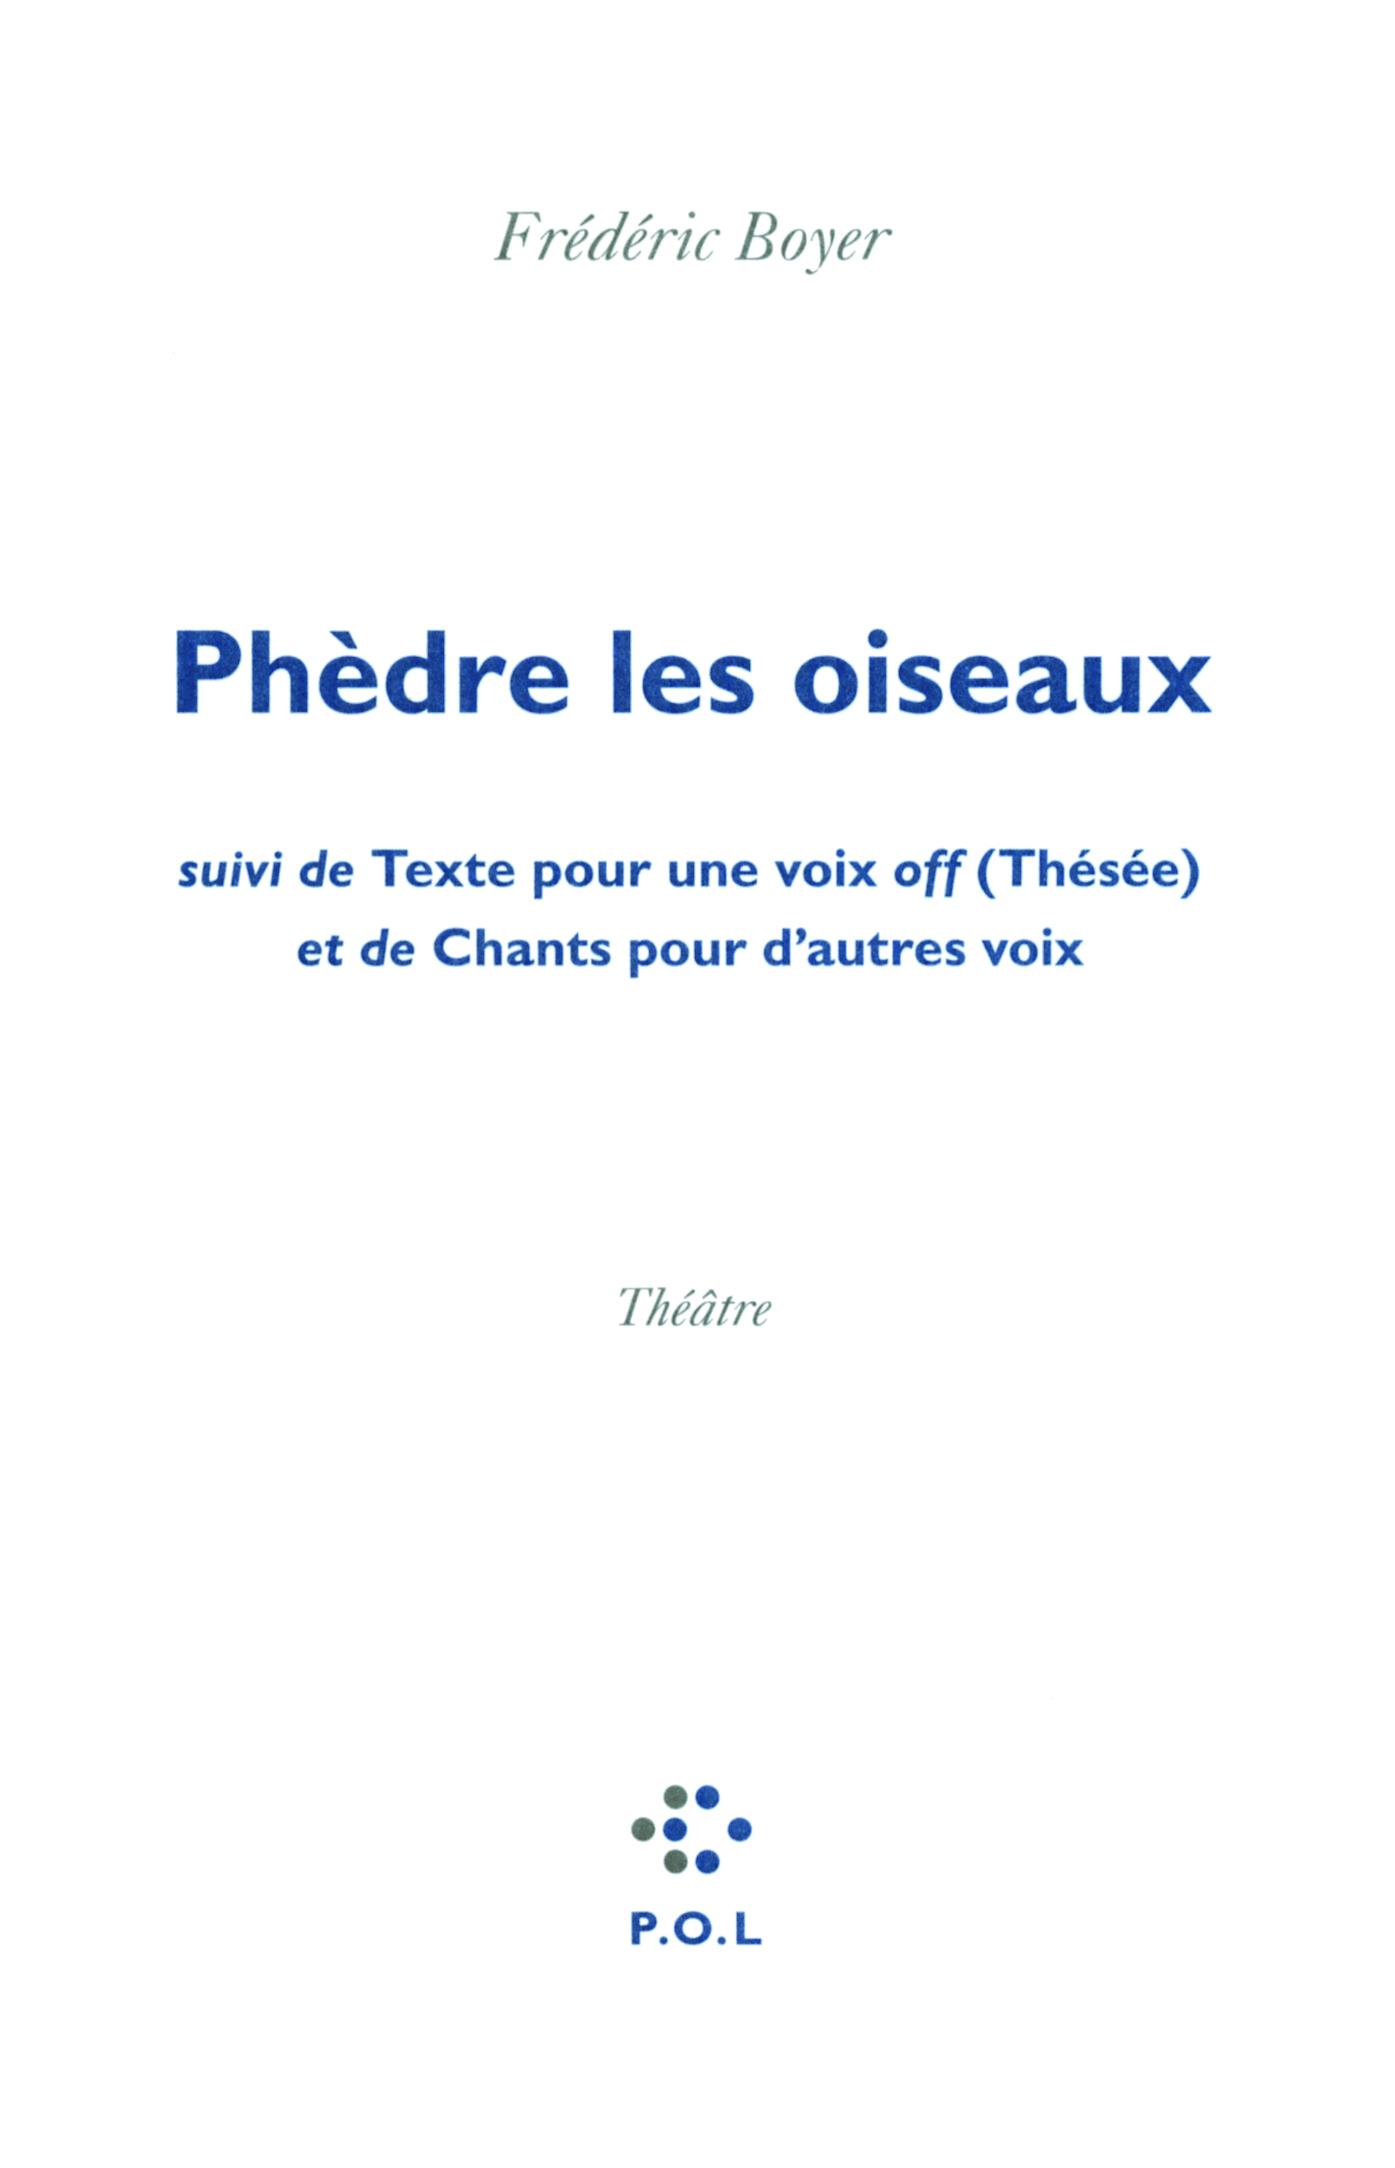 PHEDRE LES OISEAUX/TEXTE POUR UNE VOIX OFF (THESEE)/CHANTS POUR D'AUTRES VOIX